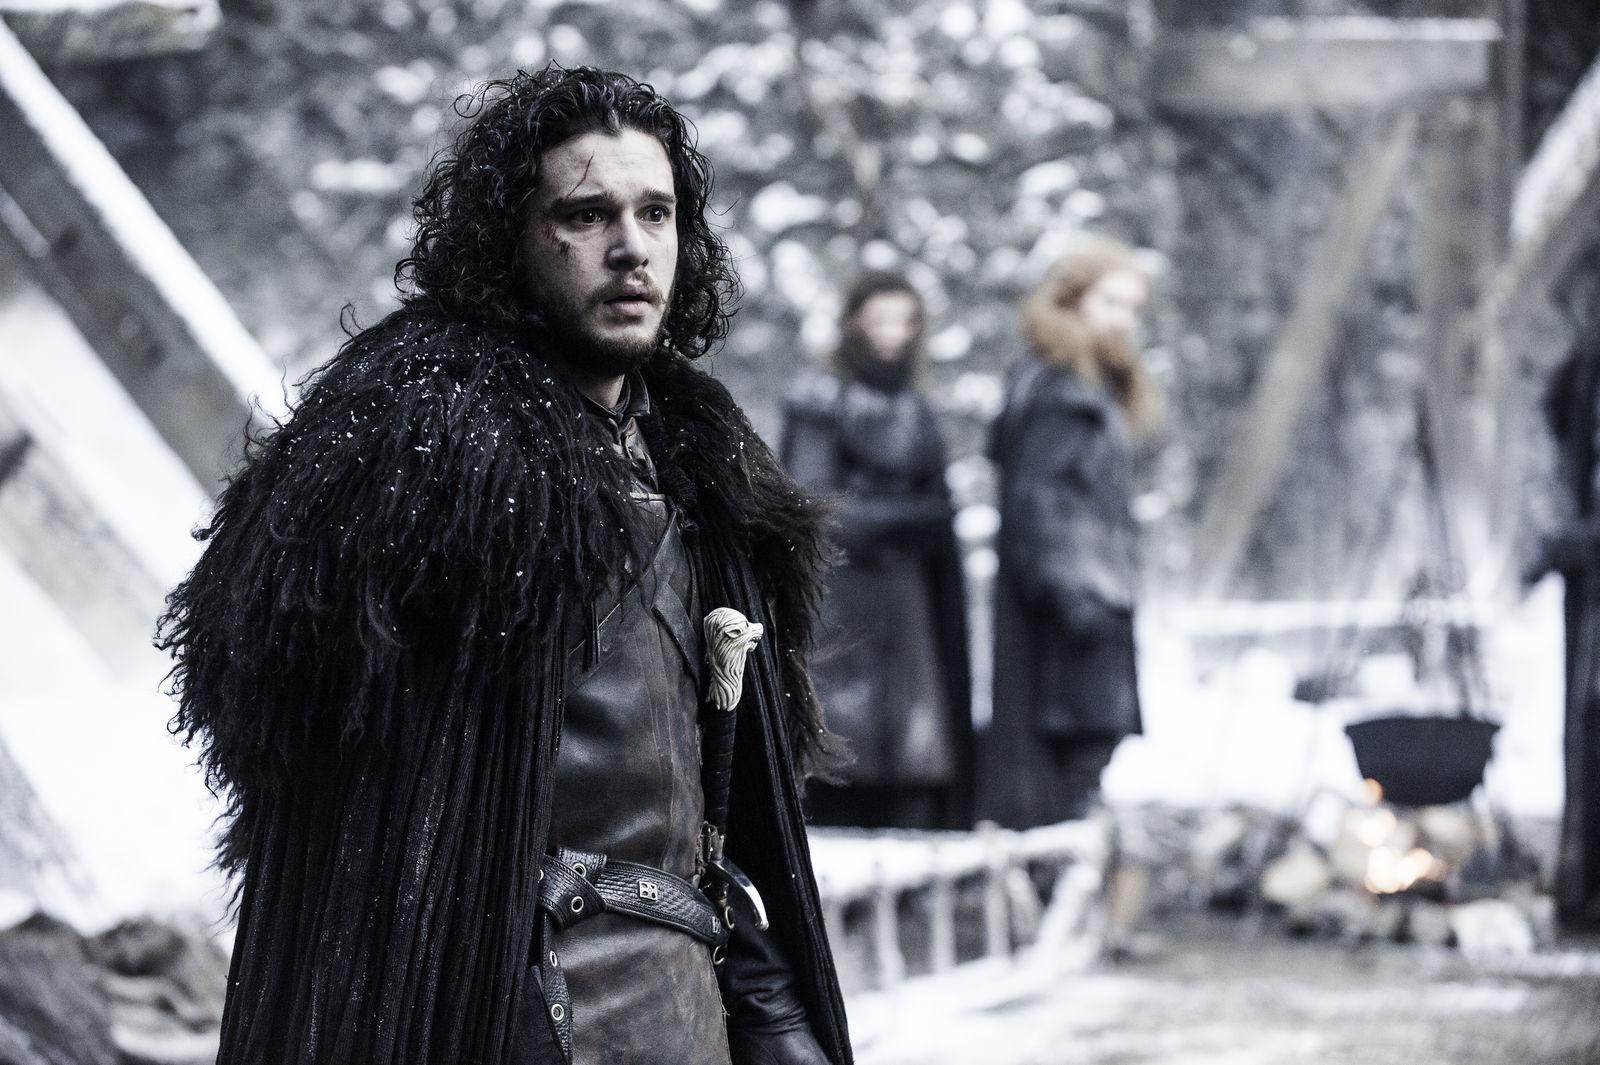 Hackere hevder HBO tilbød dem 250 000 dollar.